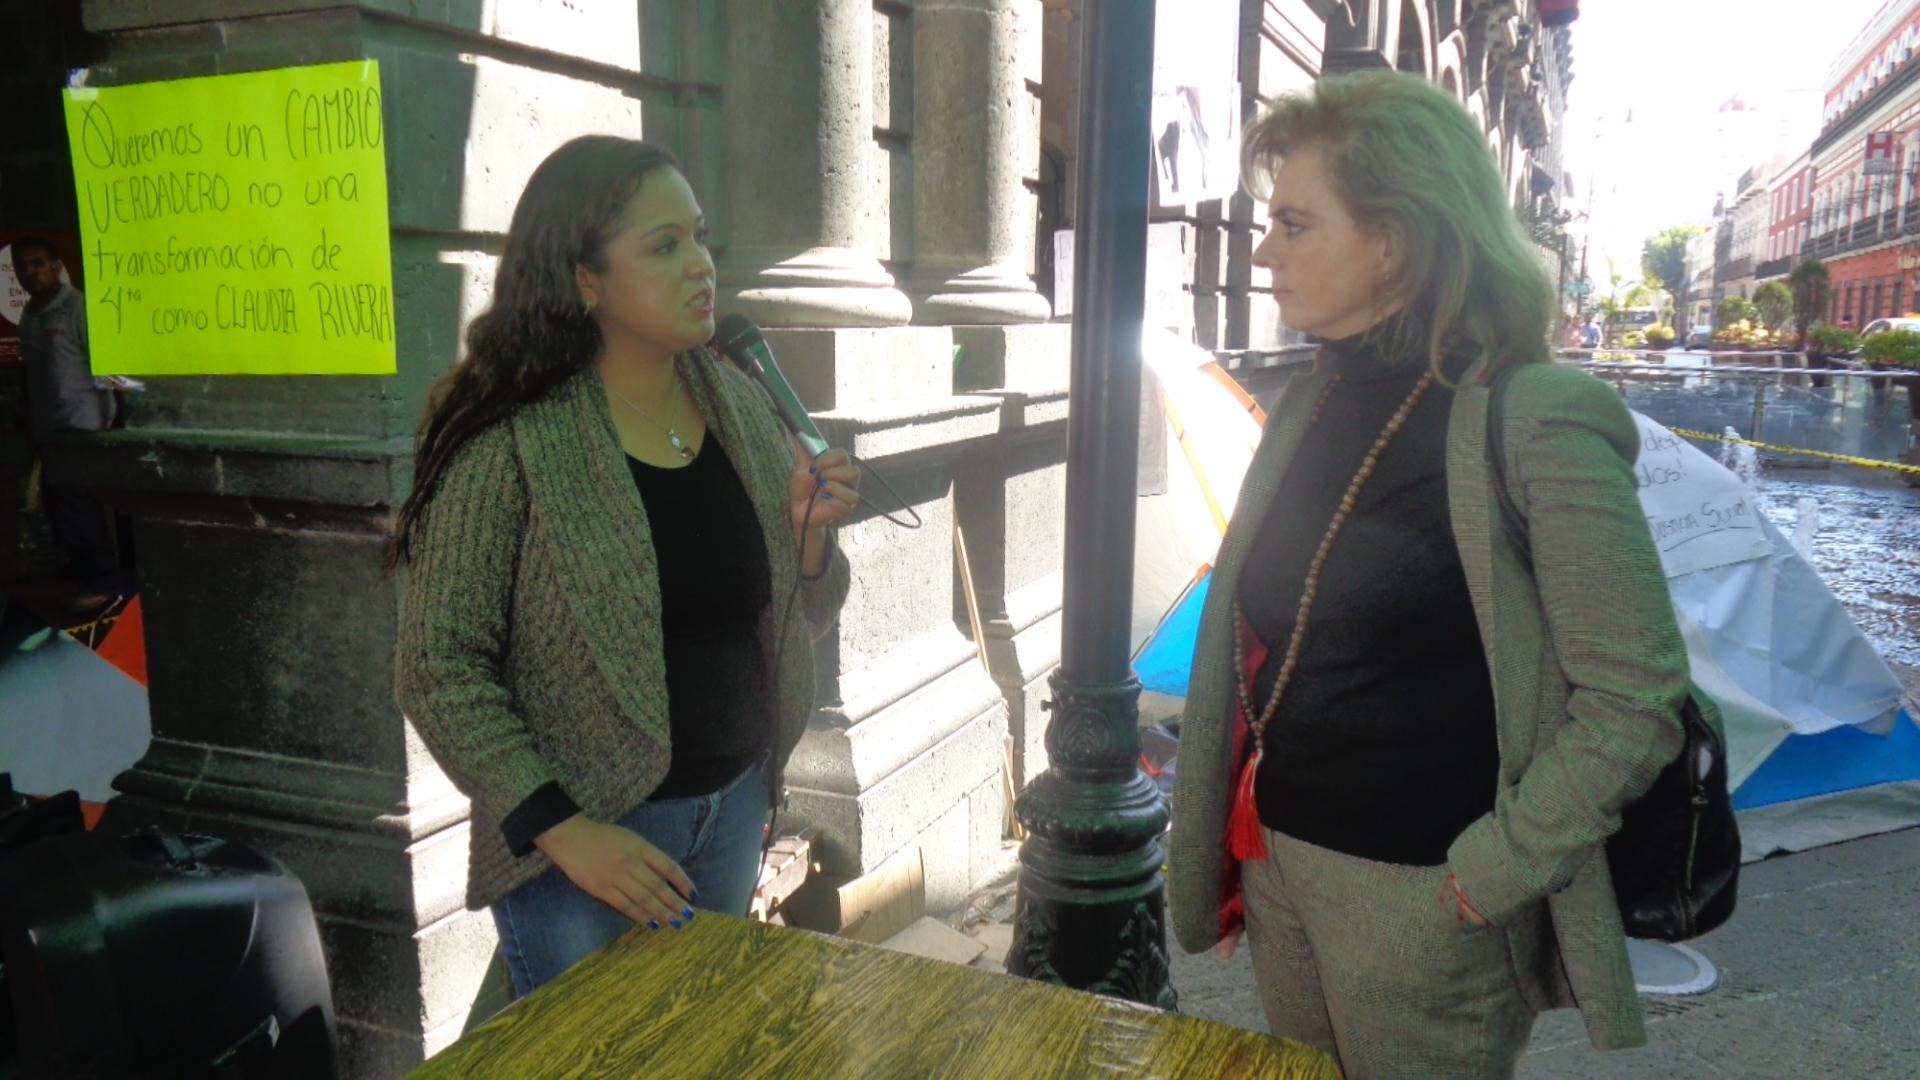 Mal aplicado el presupuesto en el Ayuntamiento, afirma Paola Migoya